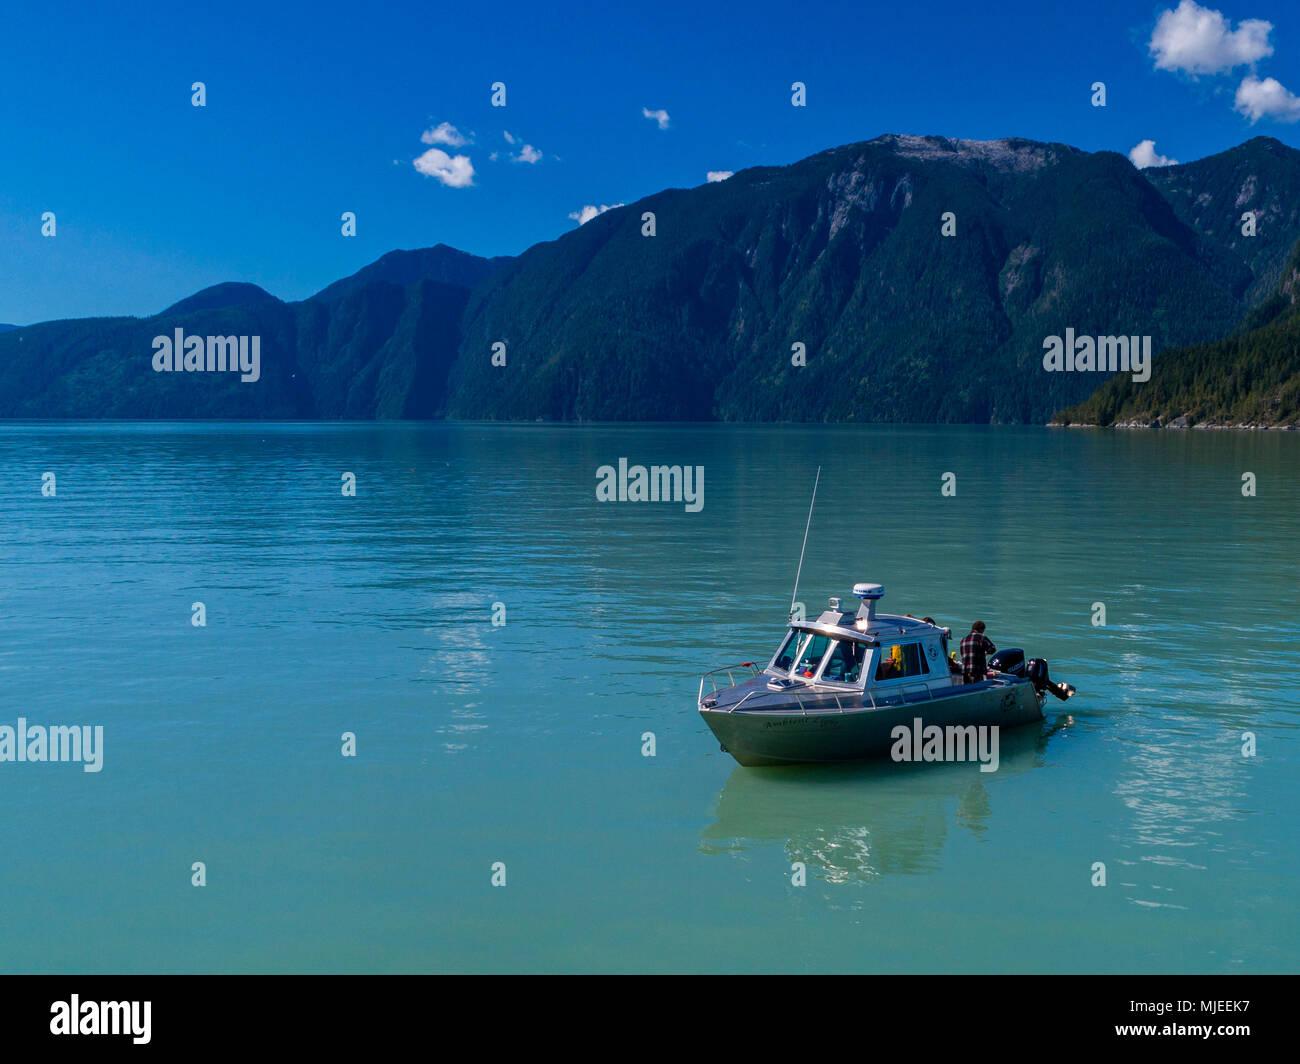 """El 'Ambient Light"""" barco de la isla de Vancouver recorridos fotográficos en el Knight Inlet, British Columbia, Canadá. Imagen De Stock"""